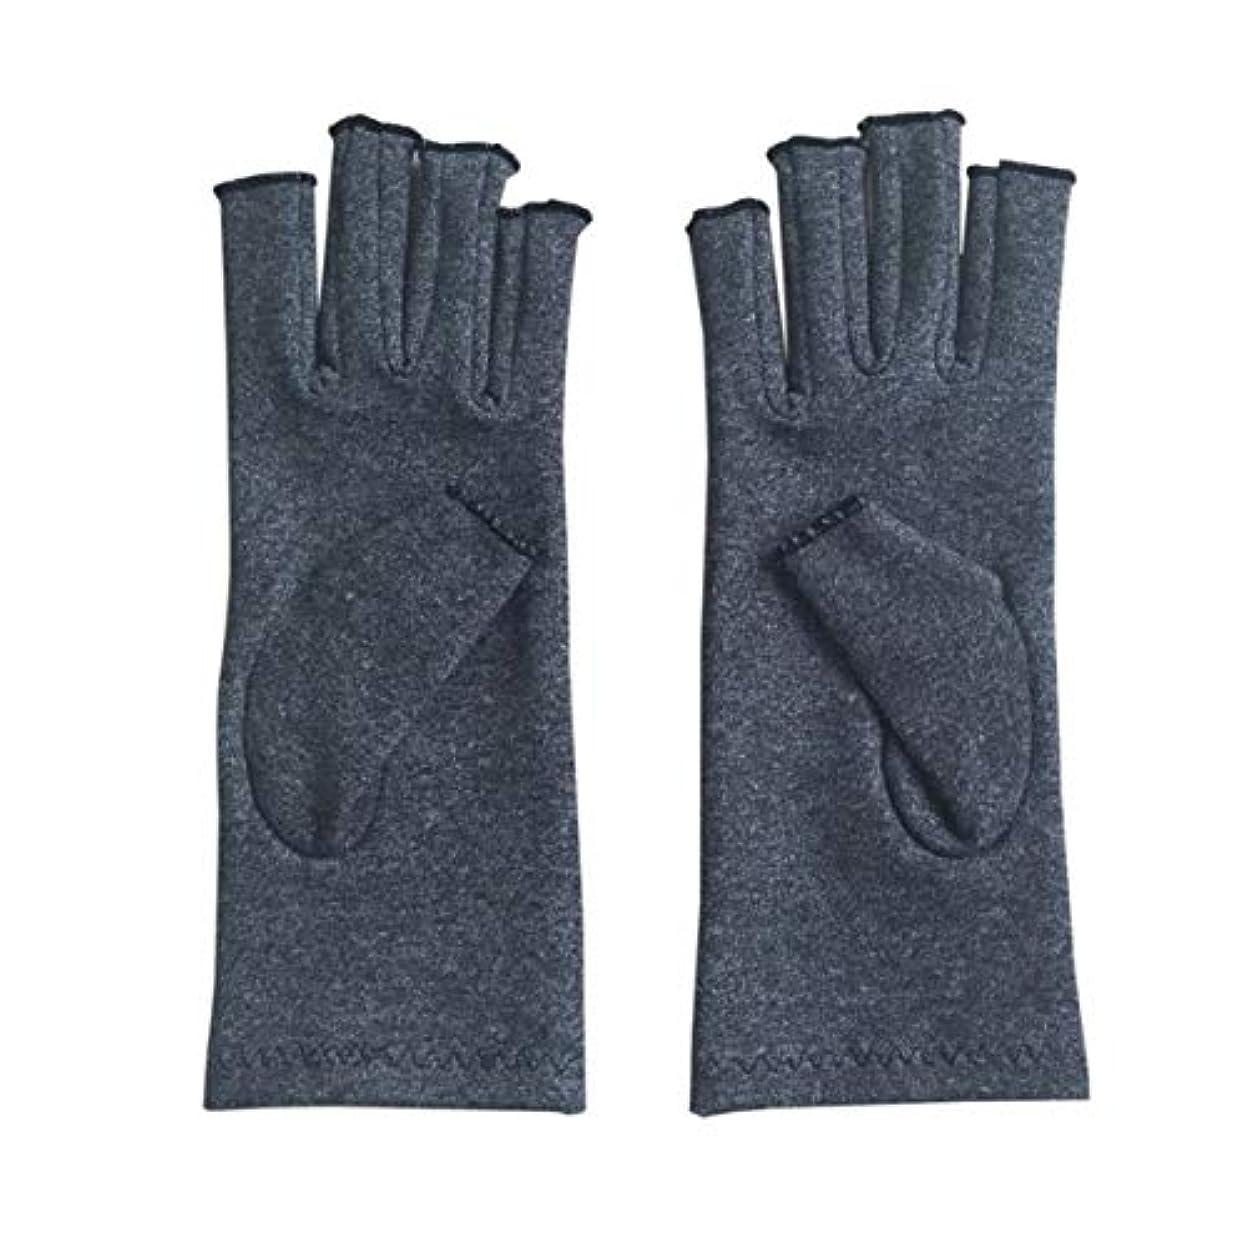 ラッドヤードキップリング子豚ペパーミントペア/セットの快適な男性の女性療法の圧縮手袋無地の通気性関節炎の関節の痛みを軽減する手袋 - グレーS